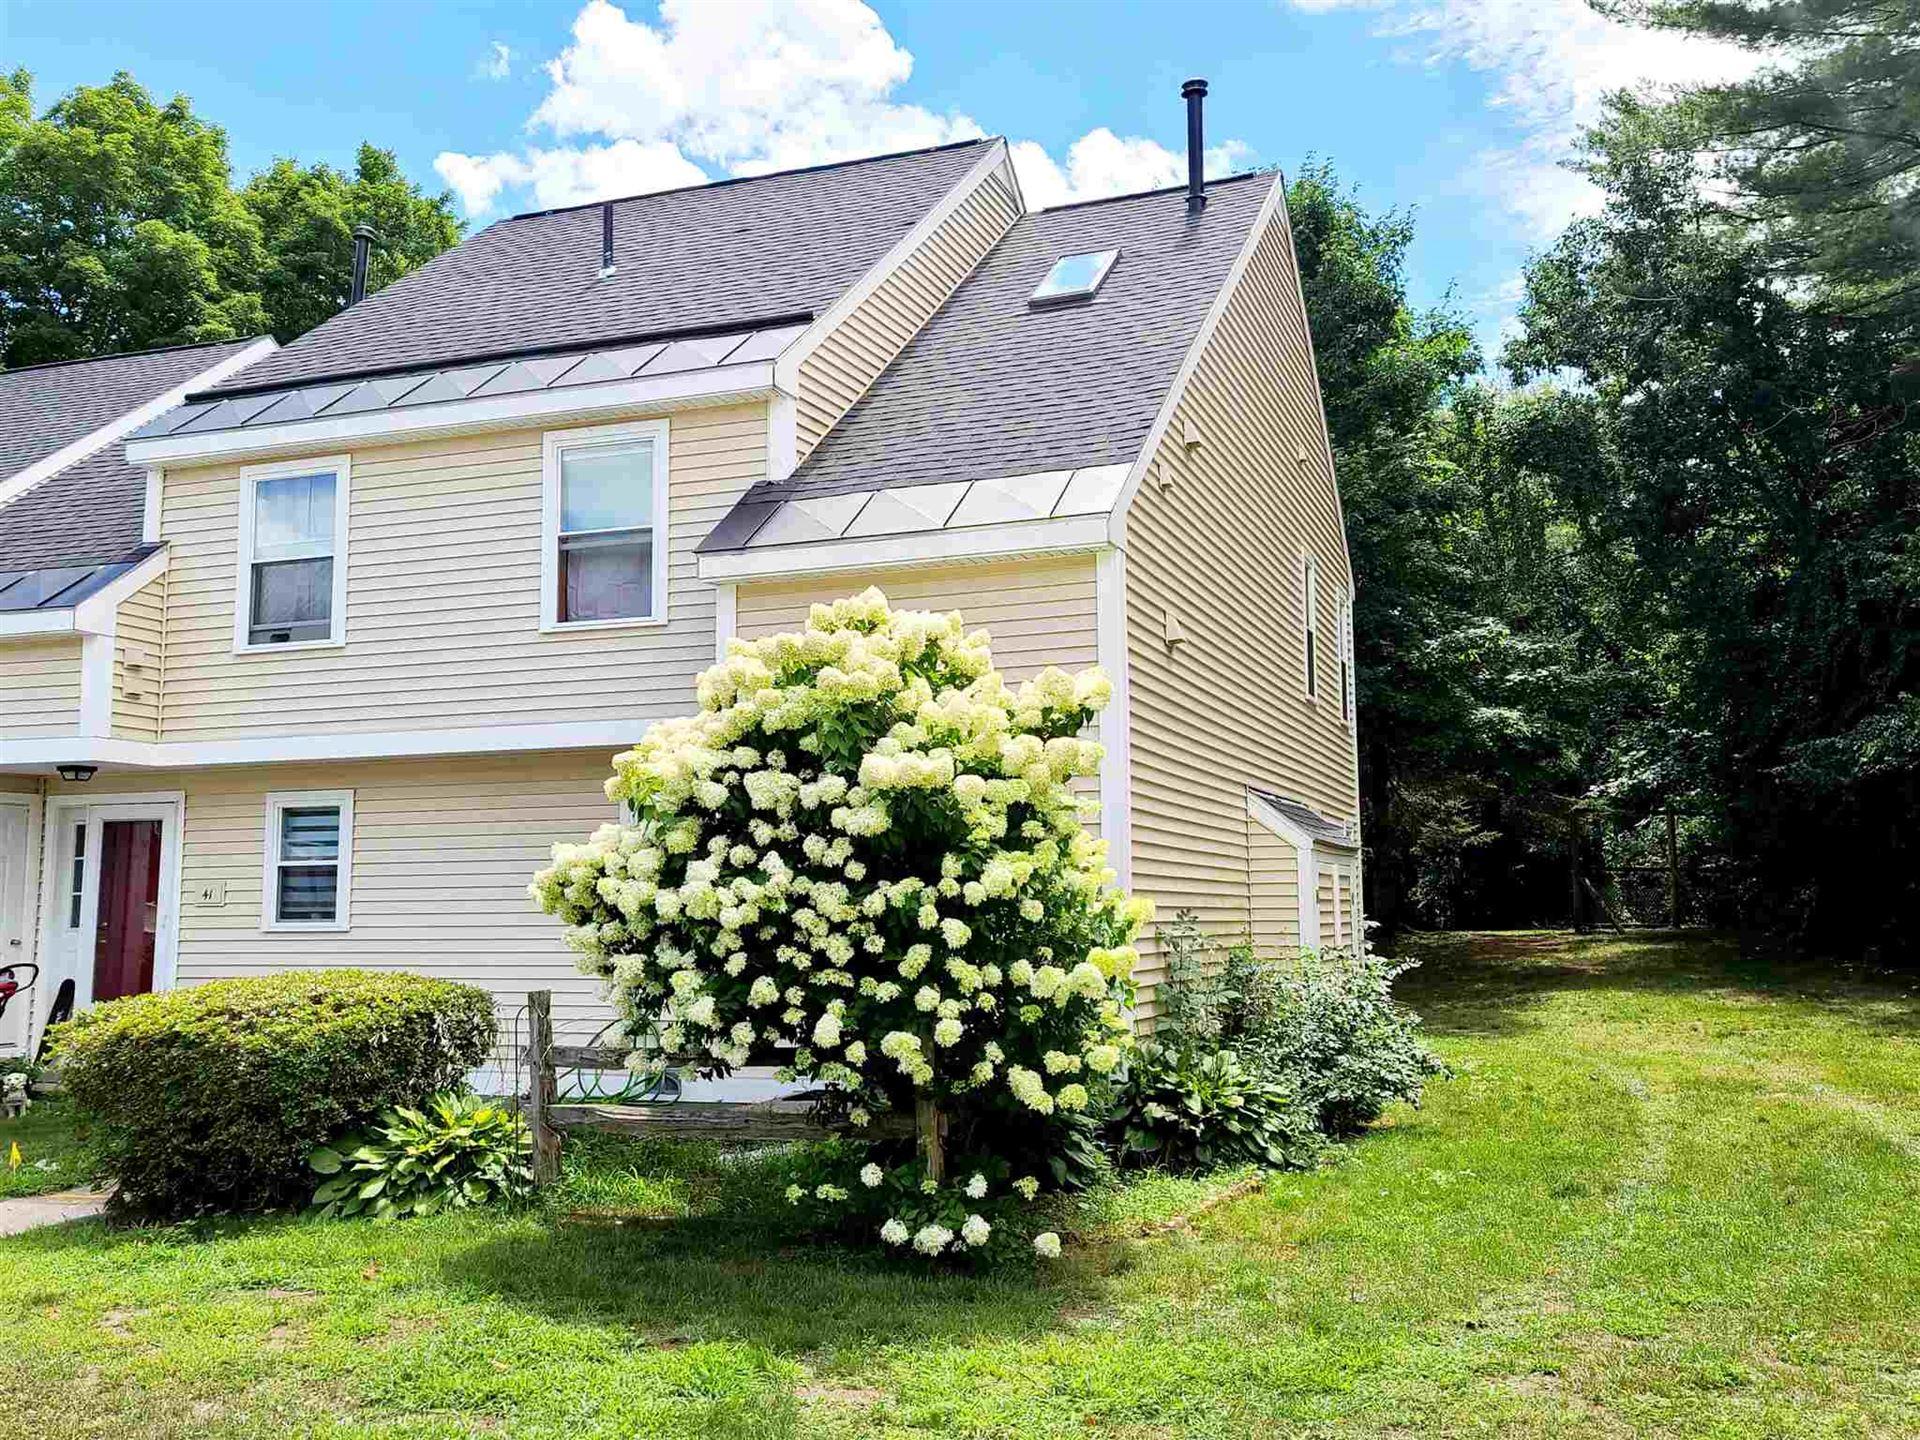 43 Bluffs Drive, Concord, NH 03303 - MLS#: 4820765